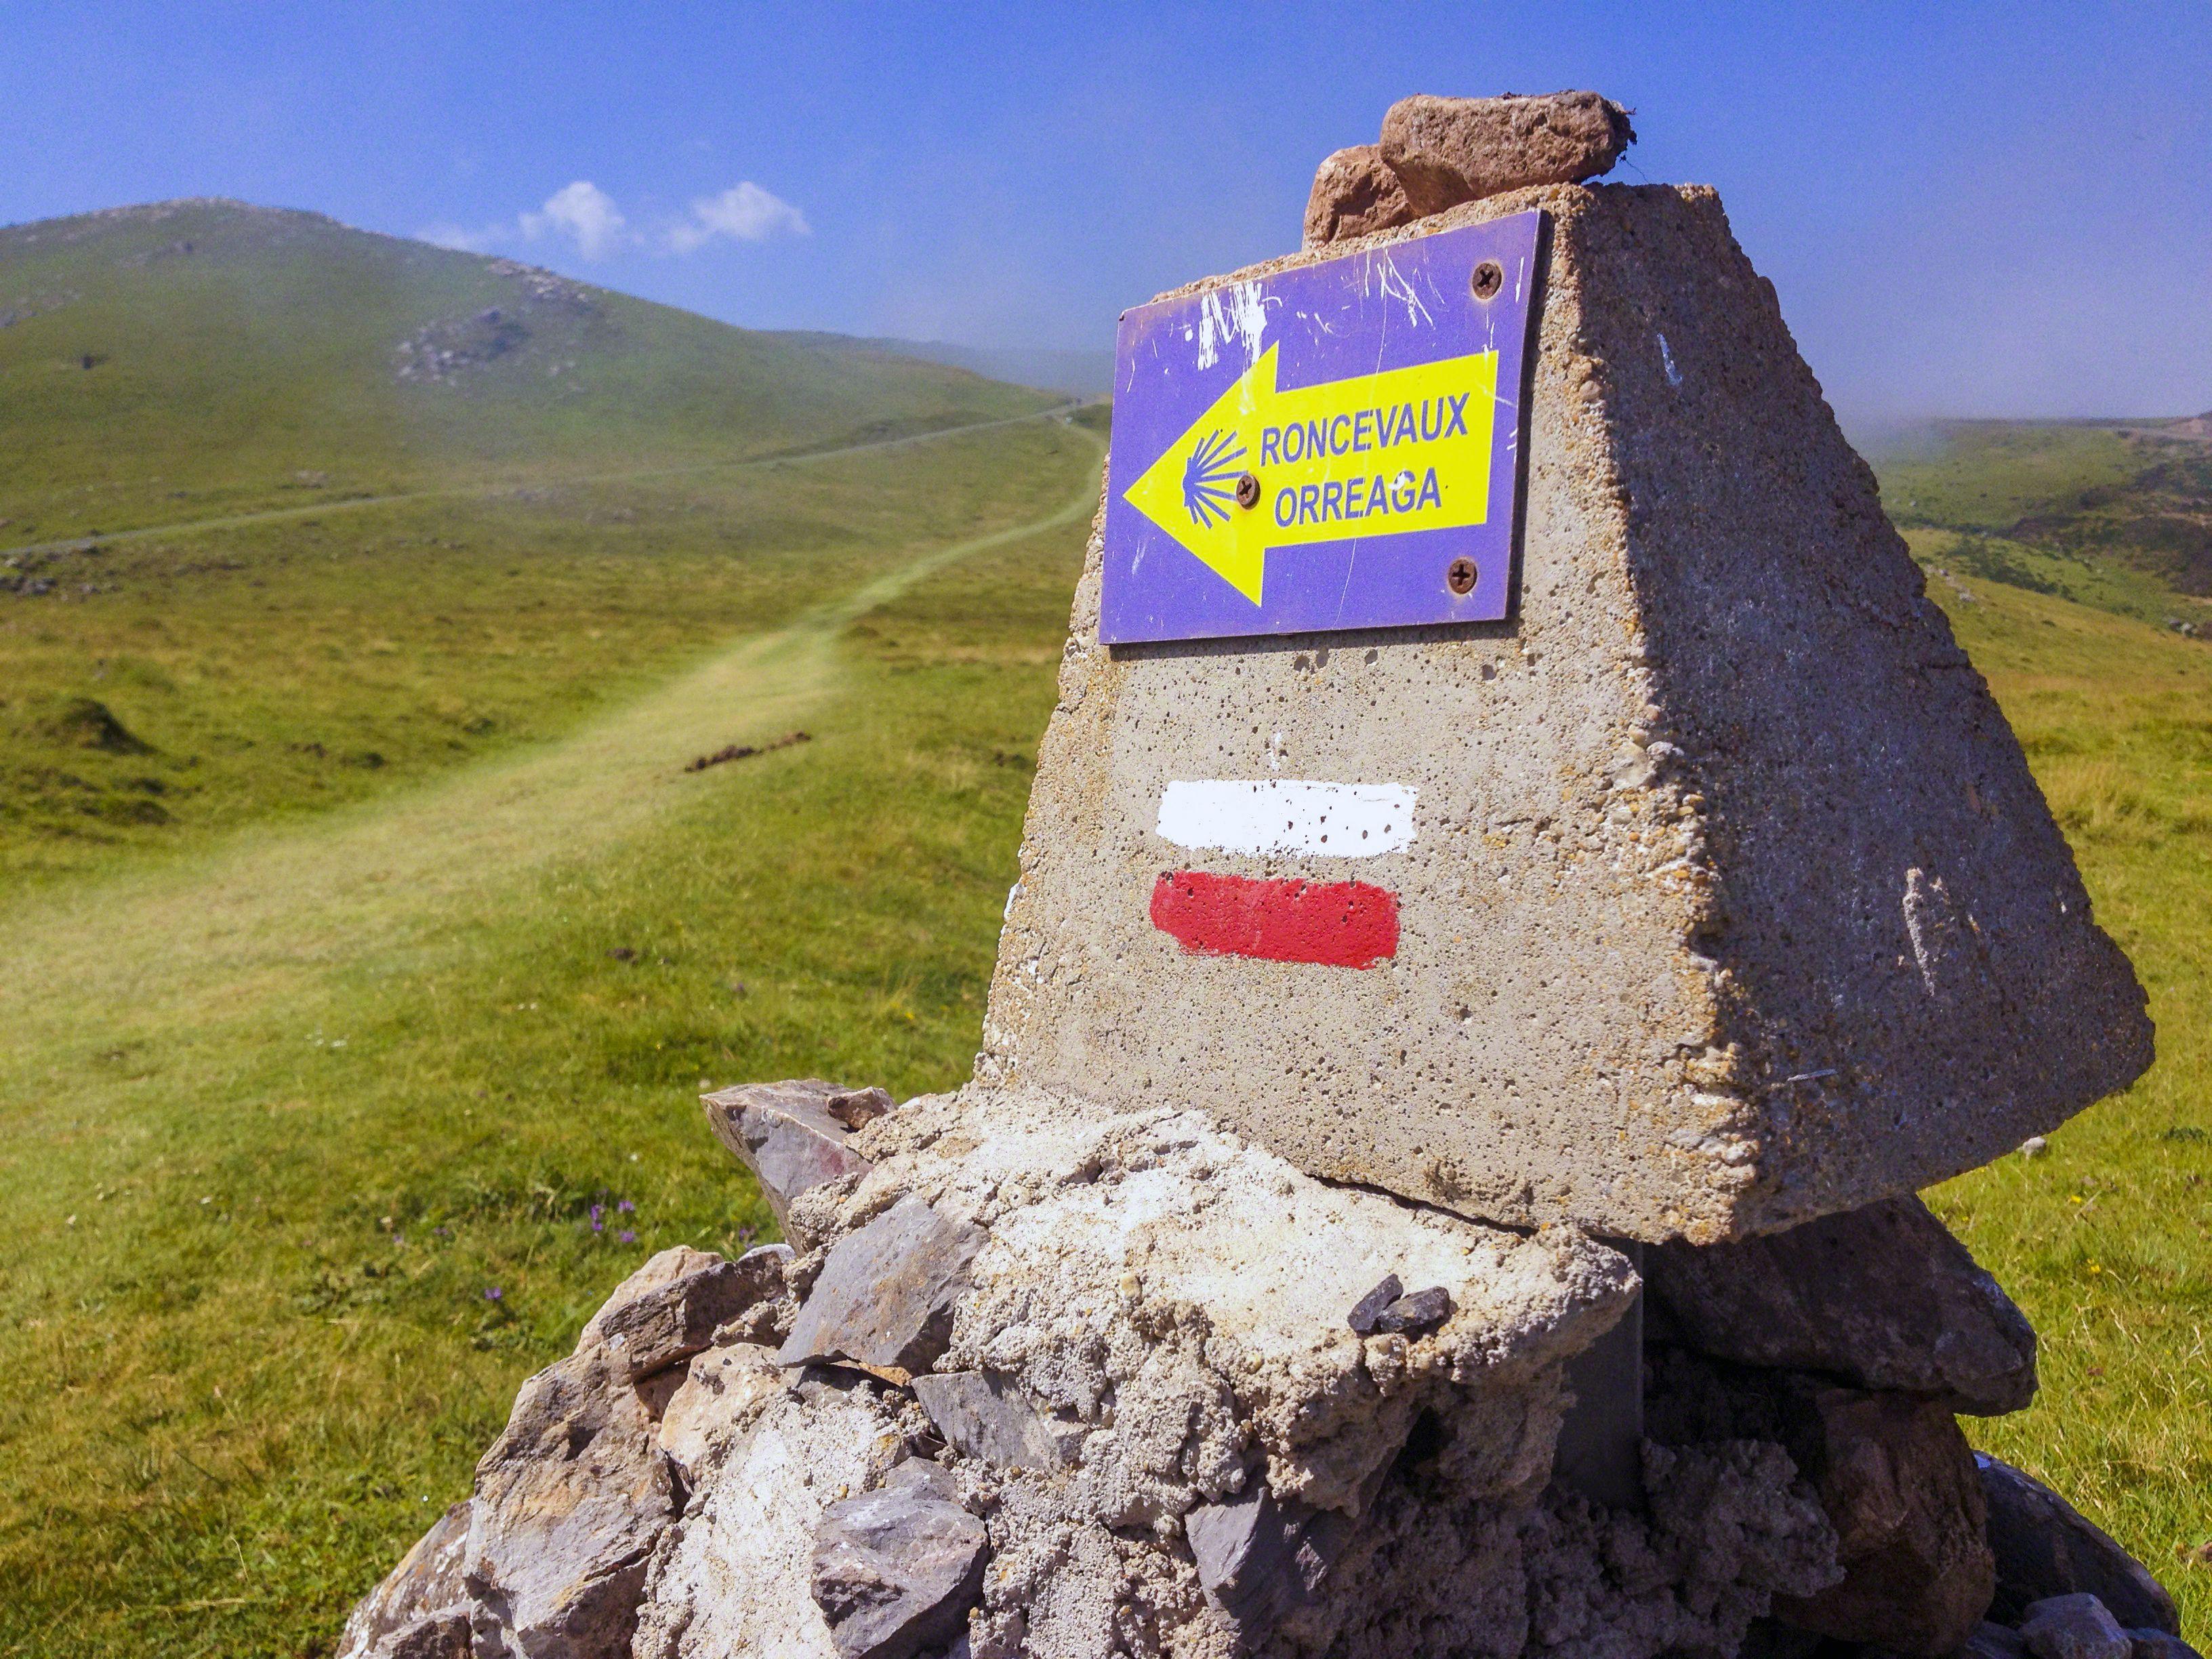 Camino de Santiago signs